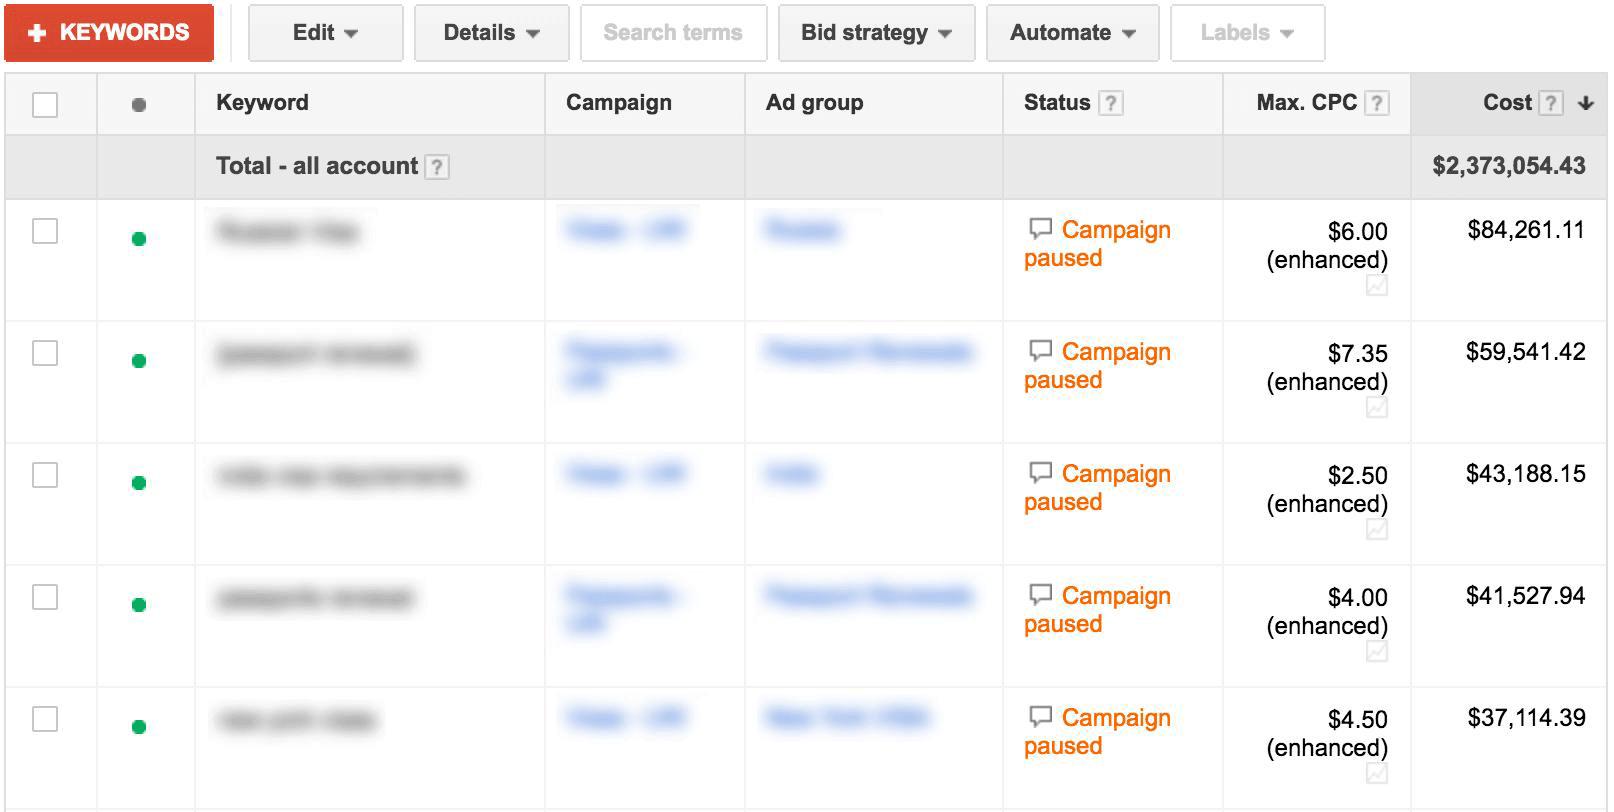 آیا بنرهای تبلیغاتی شما در تبلیغات گوگل به پرداخت موفق منجر می شوند؟